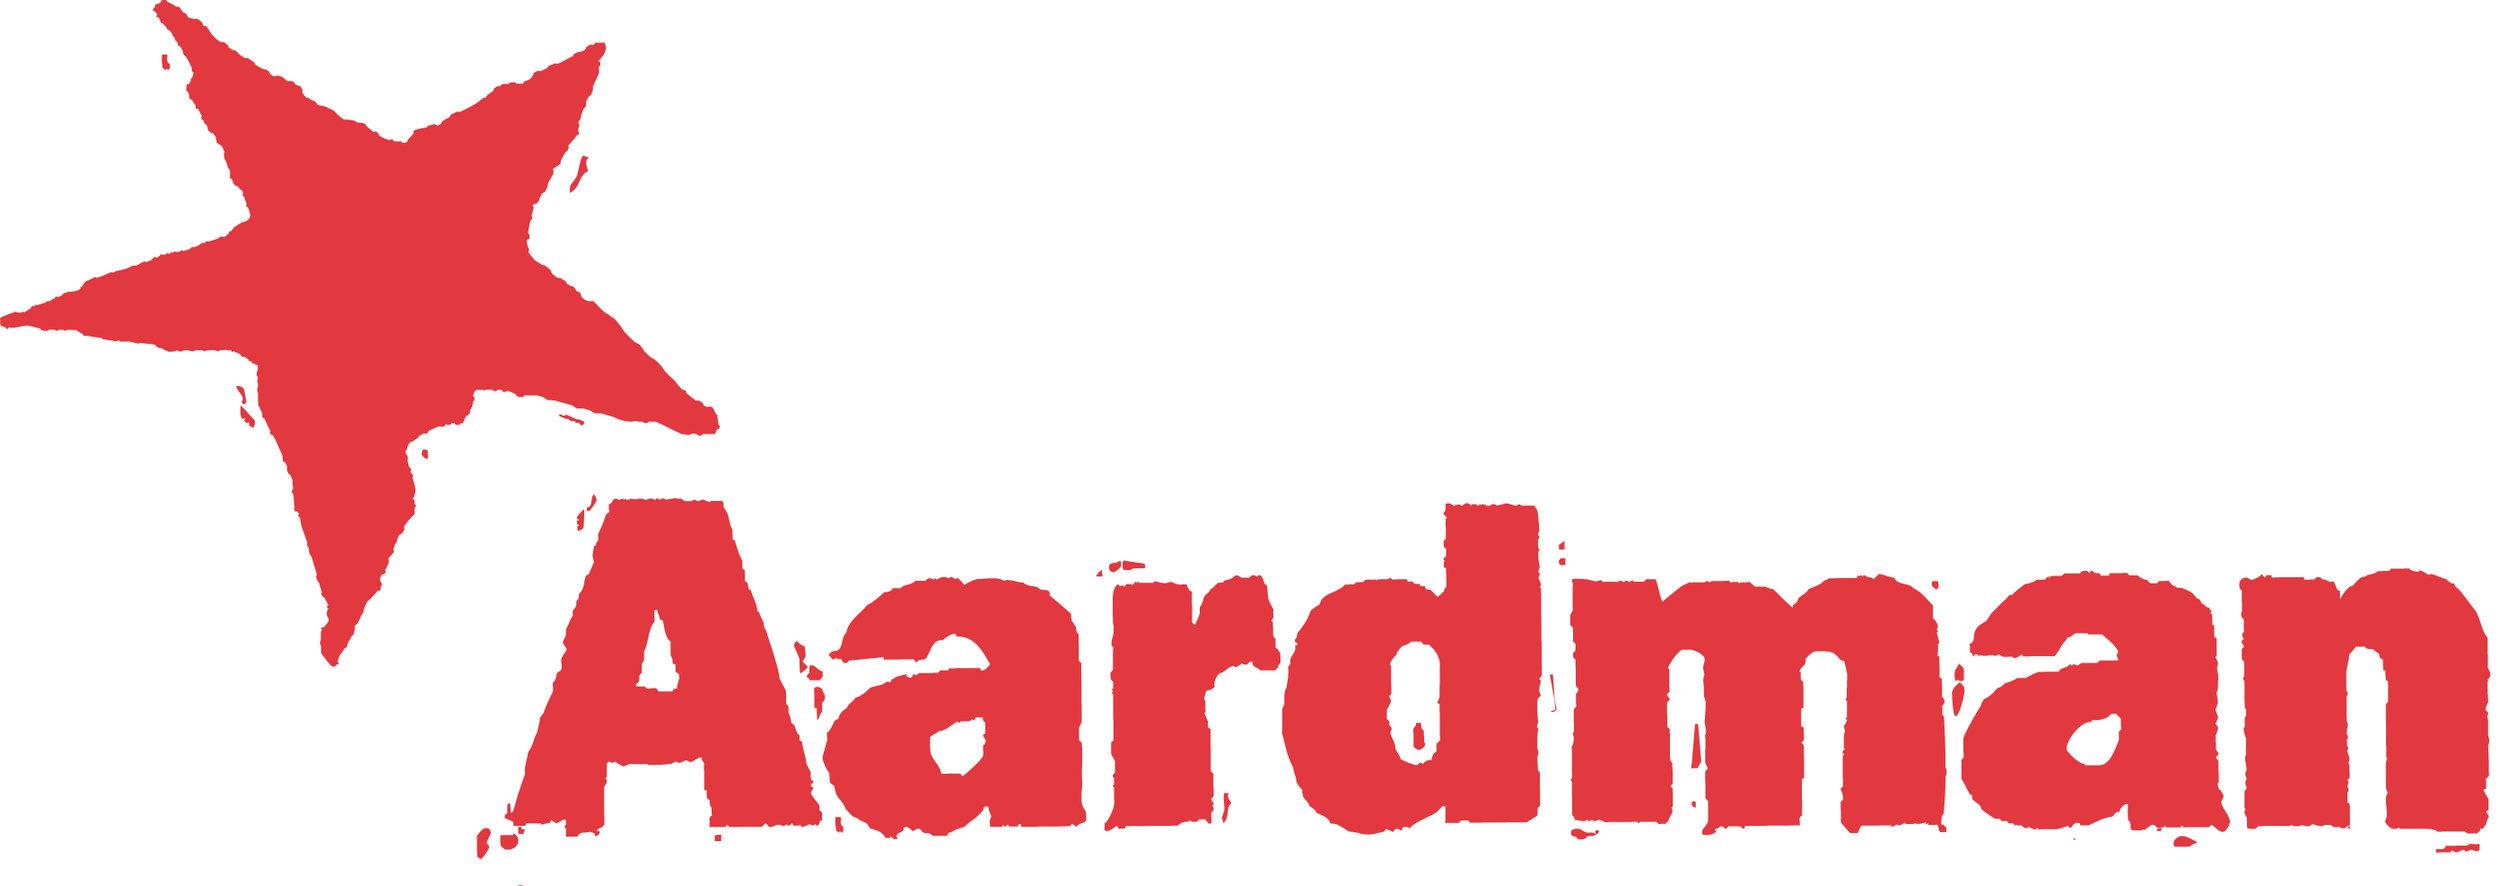 Aardman_logo.jpg